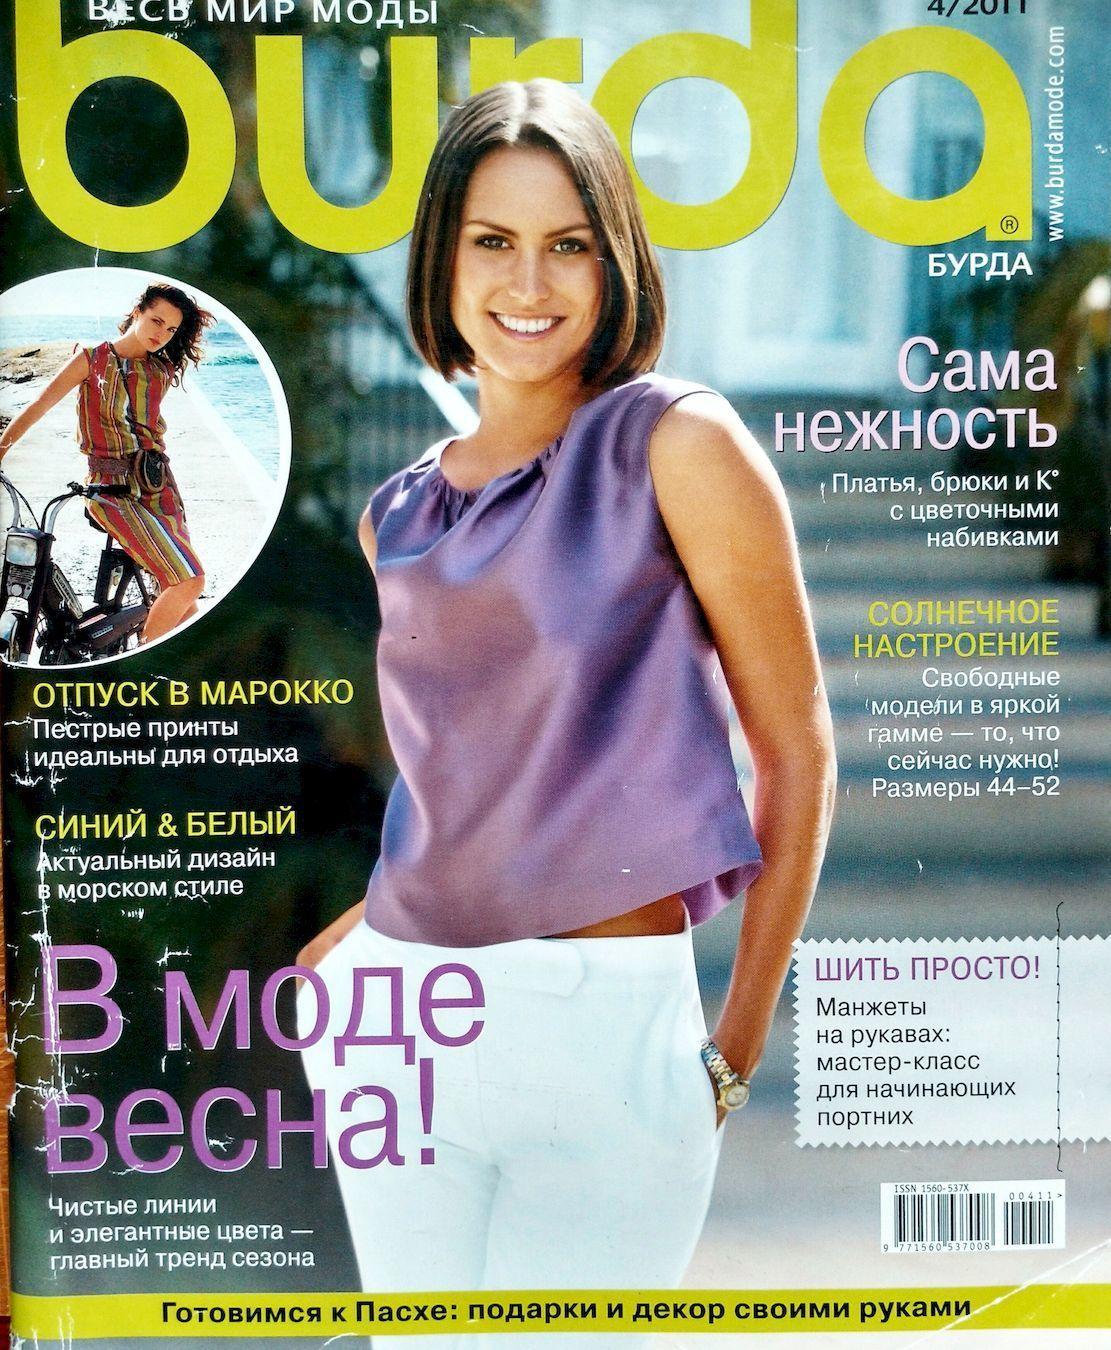 Журнал Burda Moden № 4/2011, Выкройки для шитья, Москва,  Фото №1